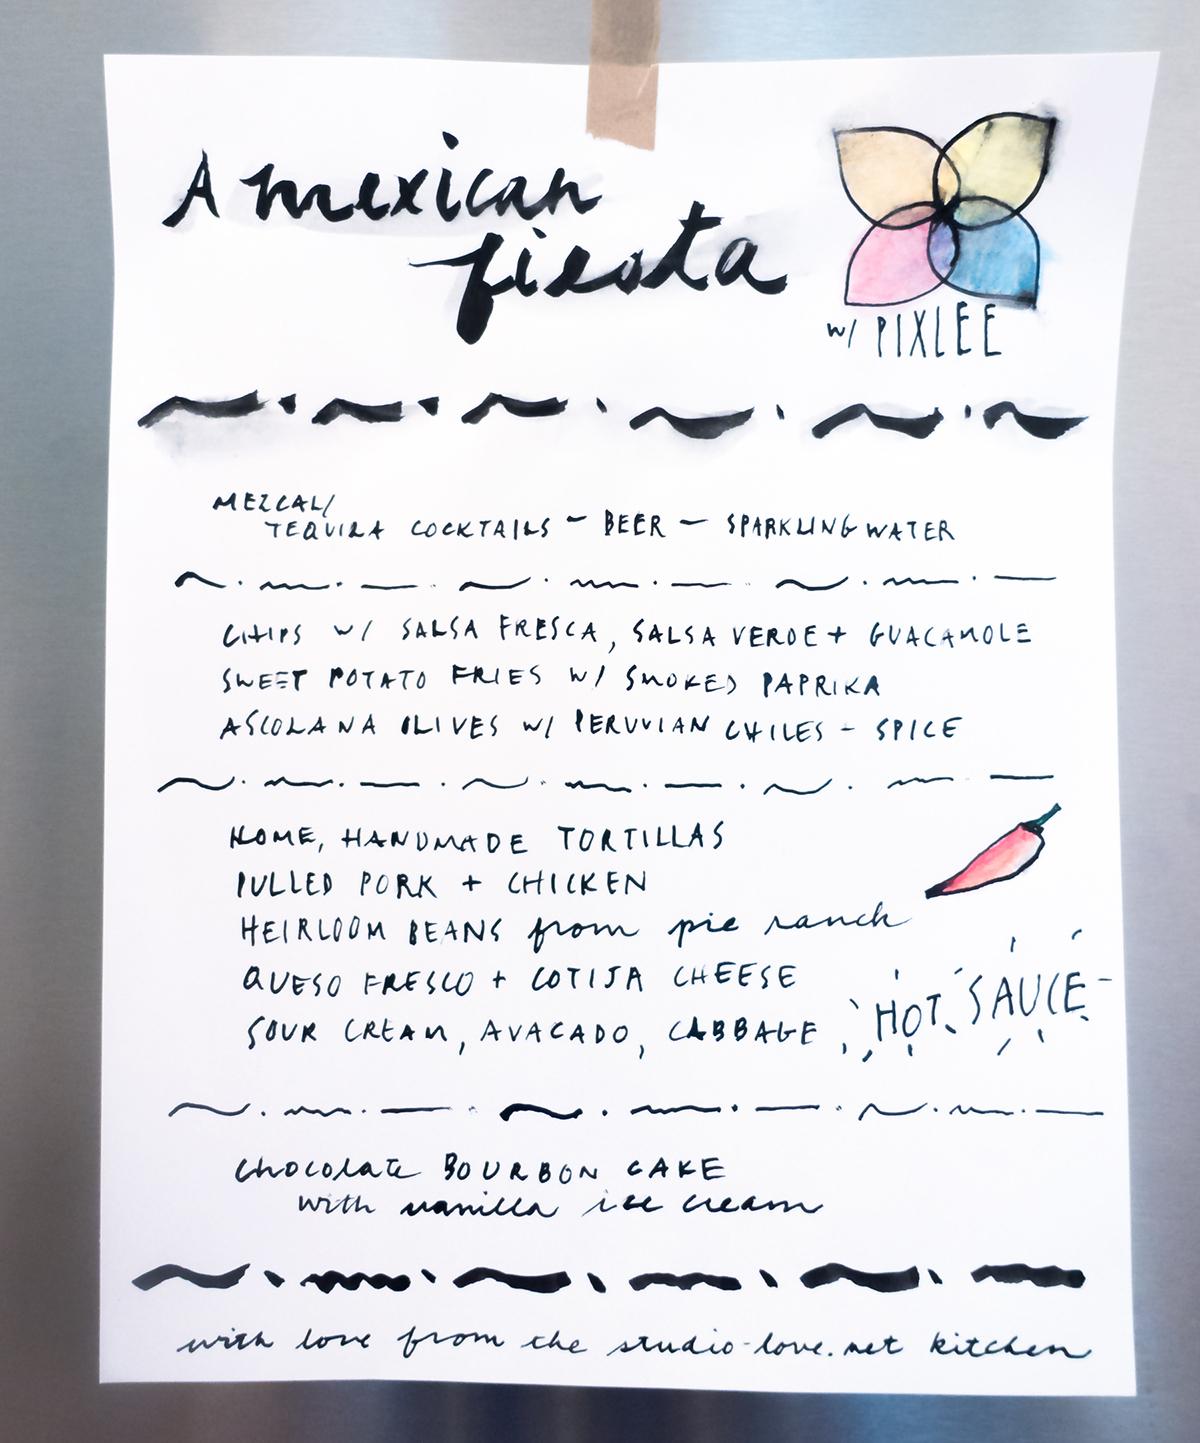 Pixlee-menu.jpg